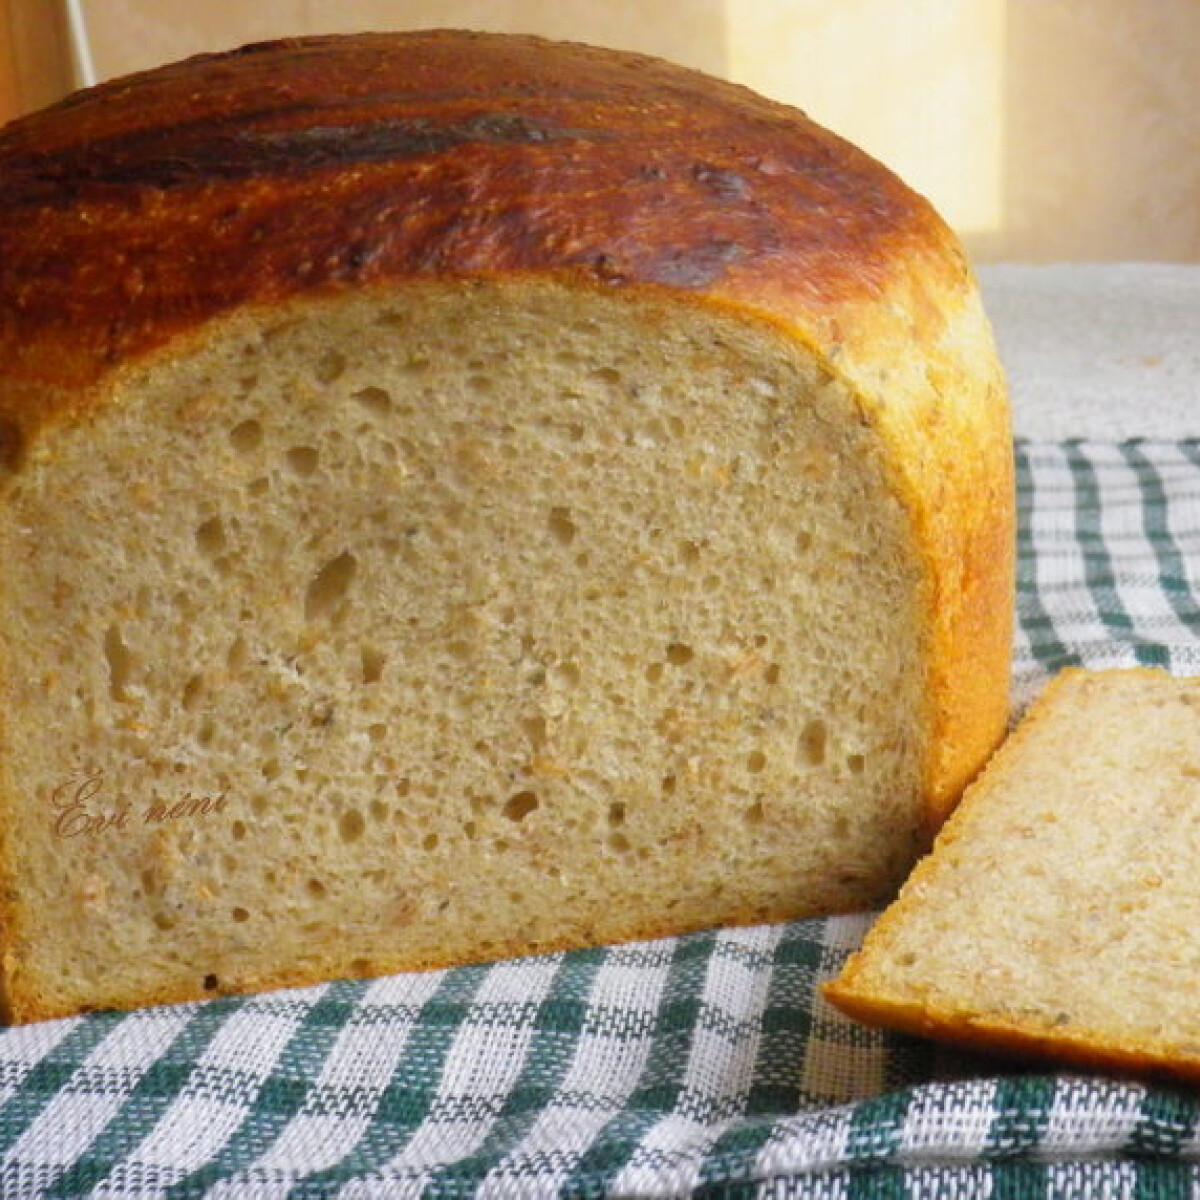 Rozsos kovászos kenyér Évi nénitől